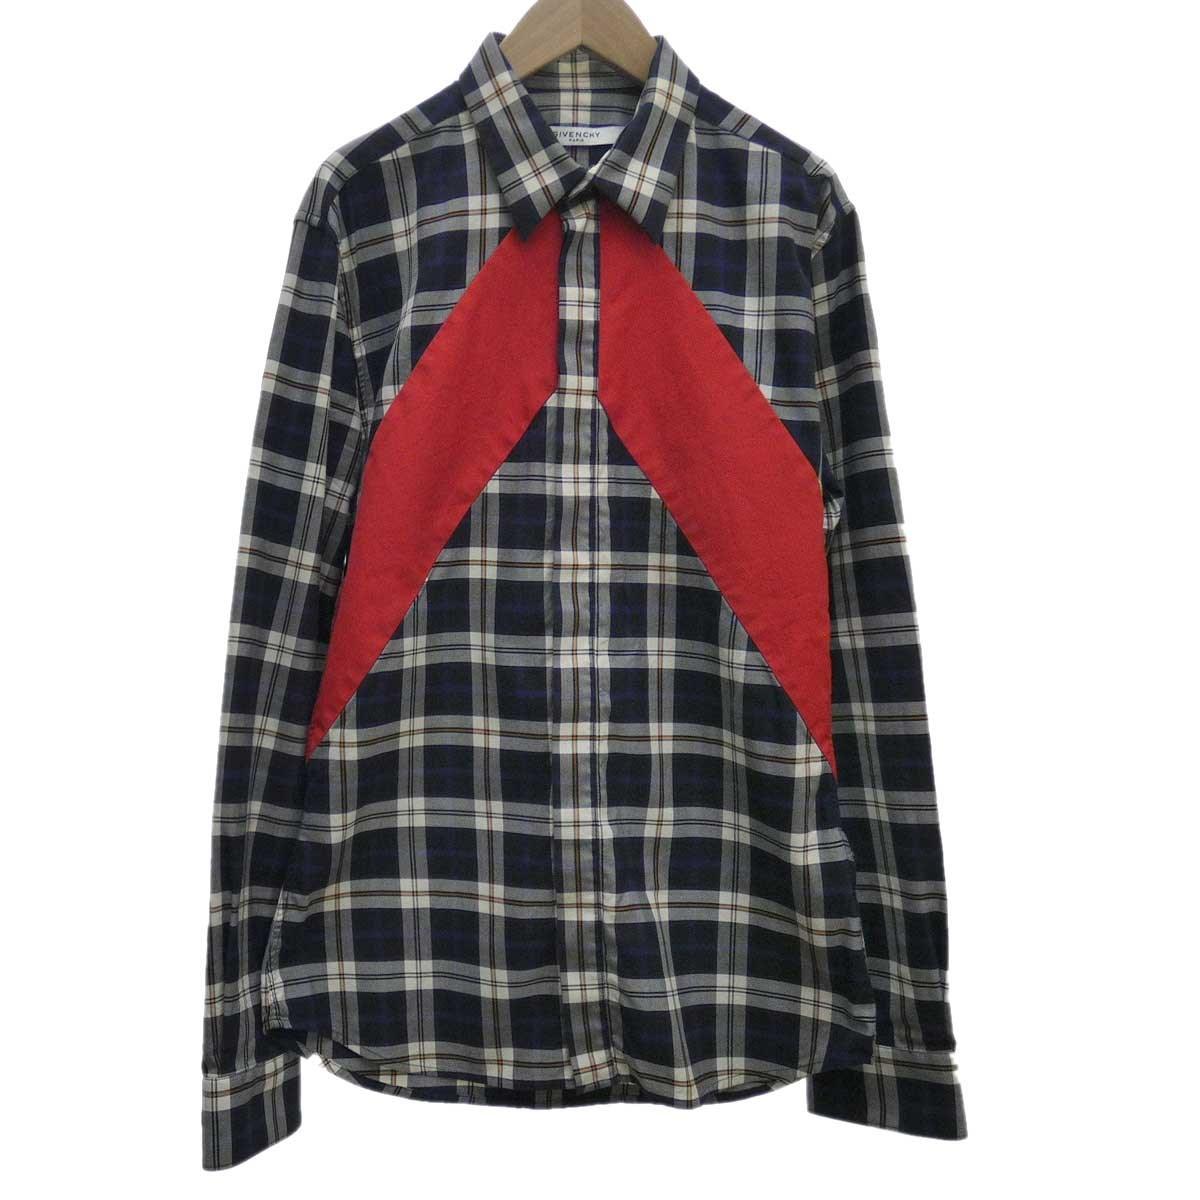 【中古】GIVENCHY チェック切替デザインシャツ ネイビー サイズ:39 【050120】(ジバンシィ)